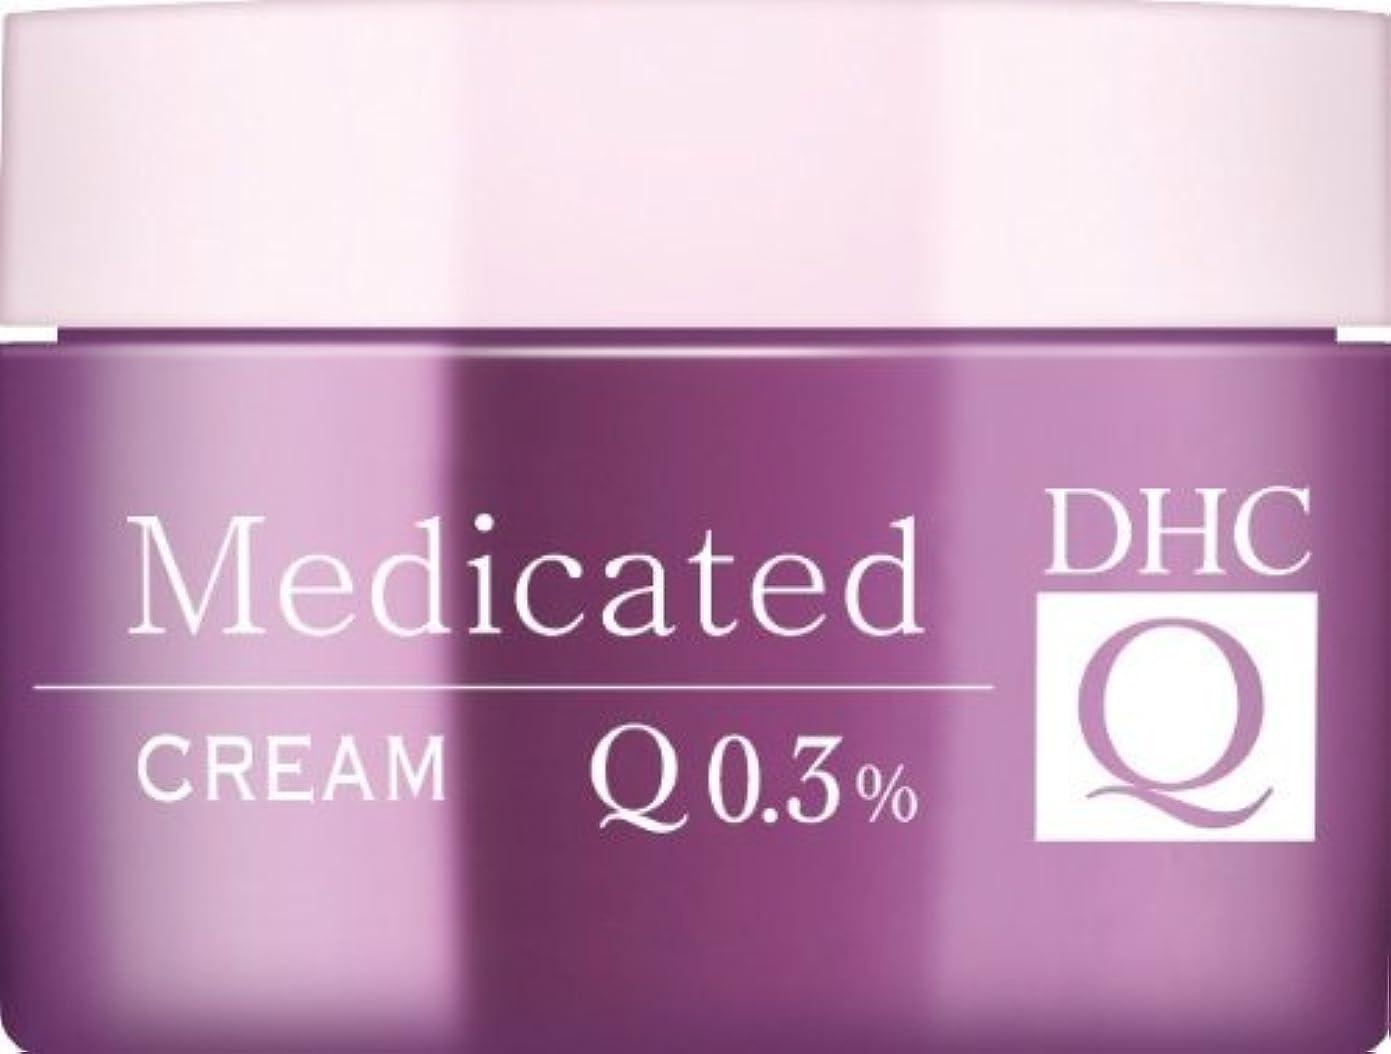 回る詩人神経衰弱DHC(ディーエイチシー) 薬用Qフェースクリーム(SS) 23g